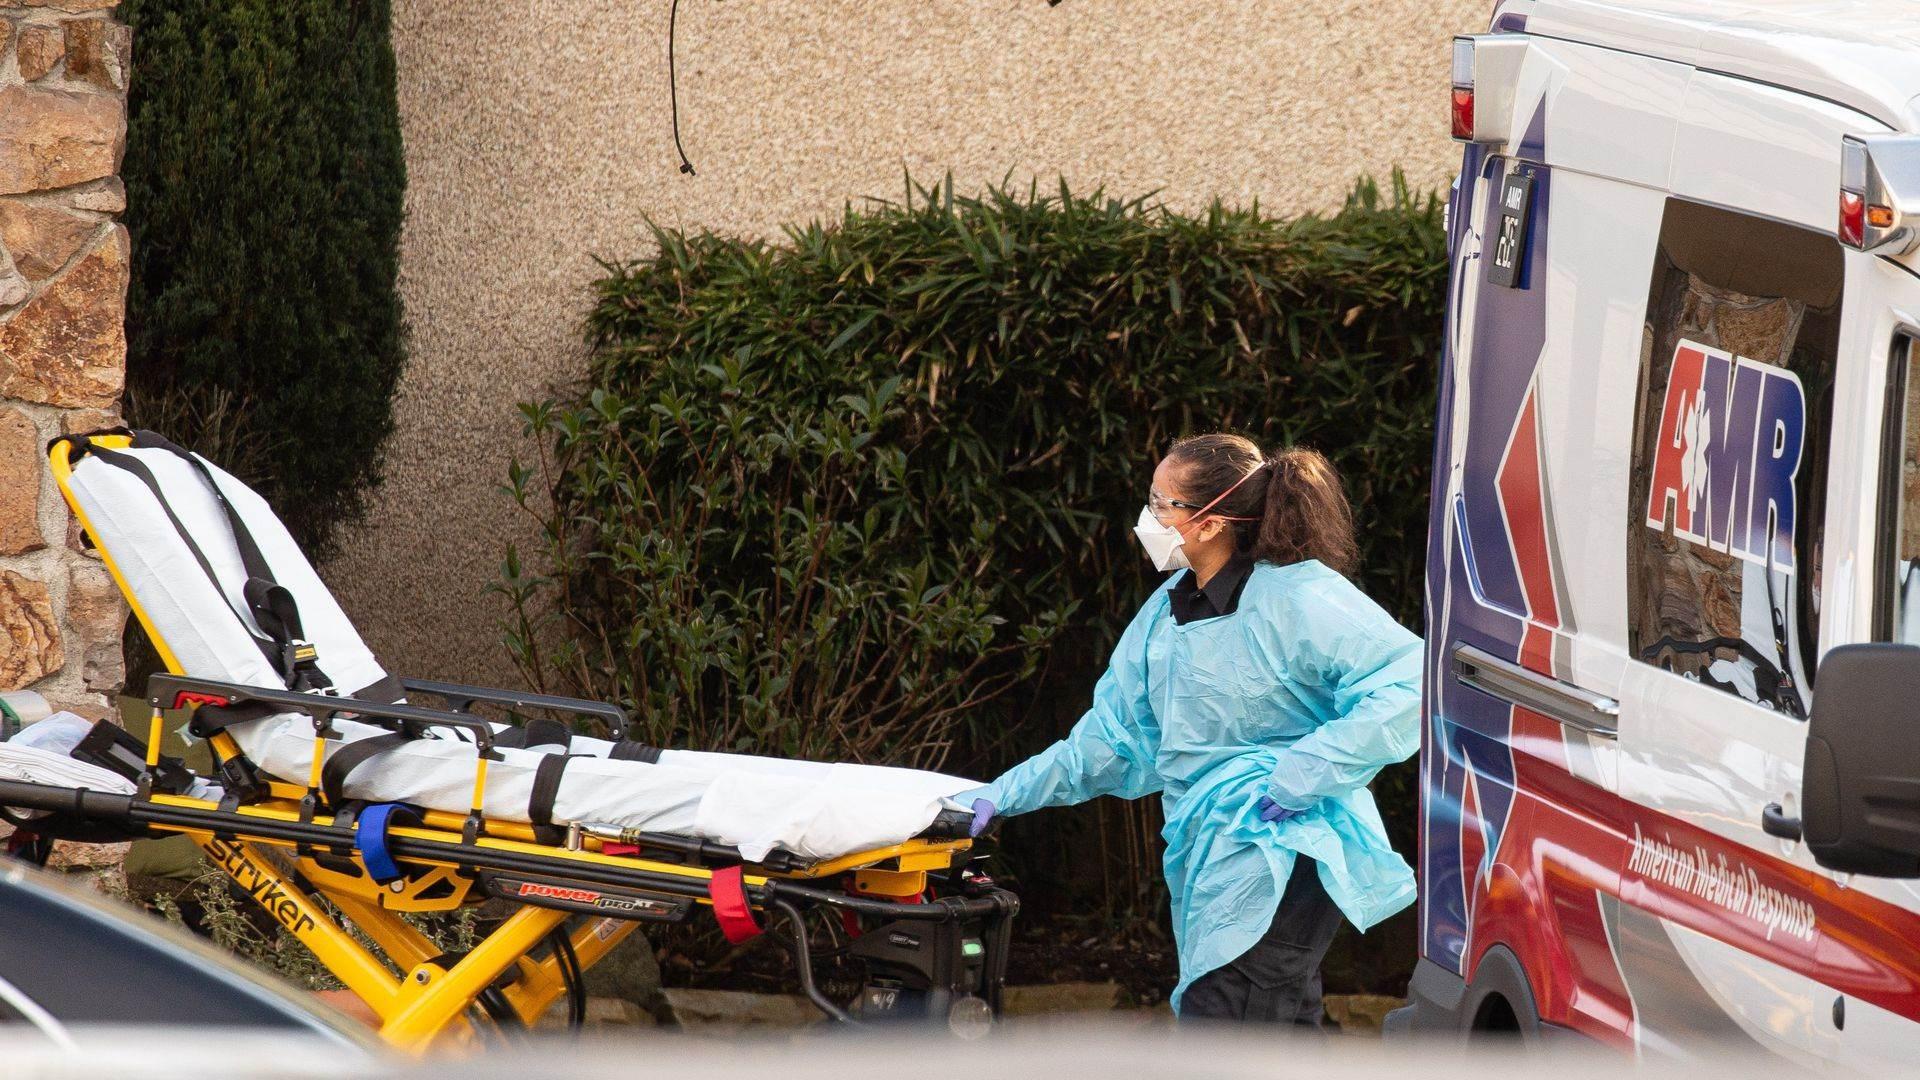 فيروس كورونا يحصد المزيد من الضحايا في أميركا وأوروبا